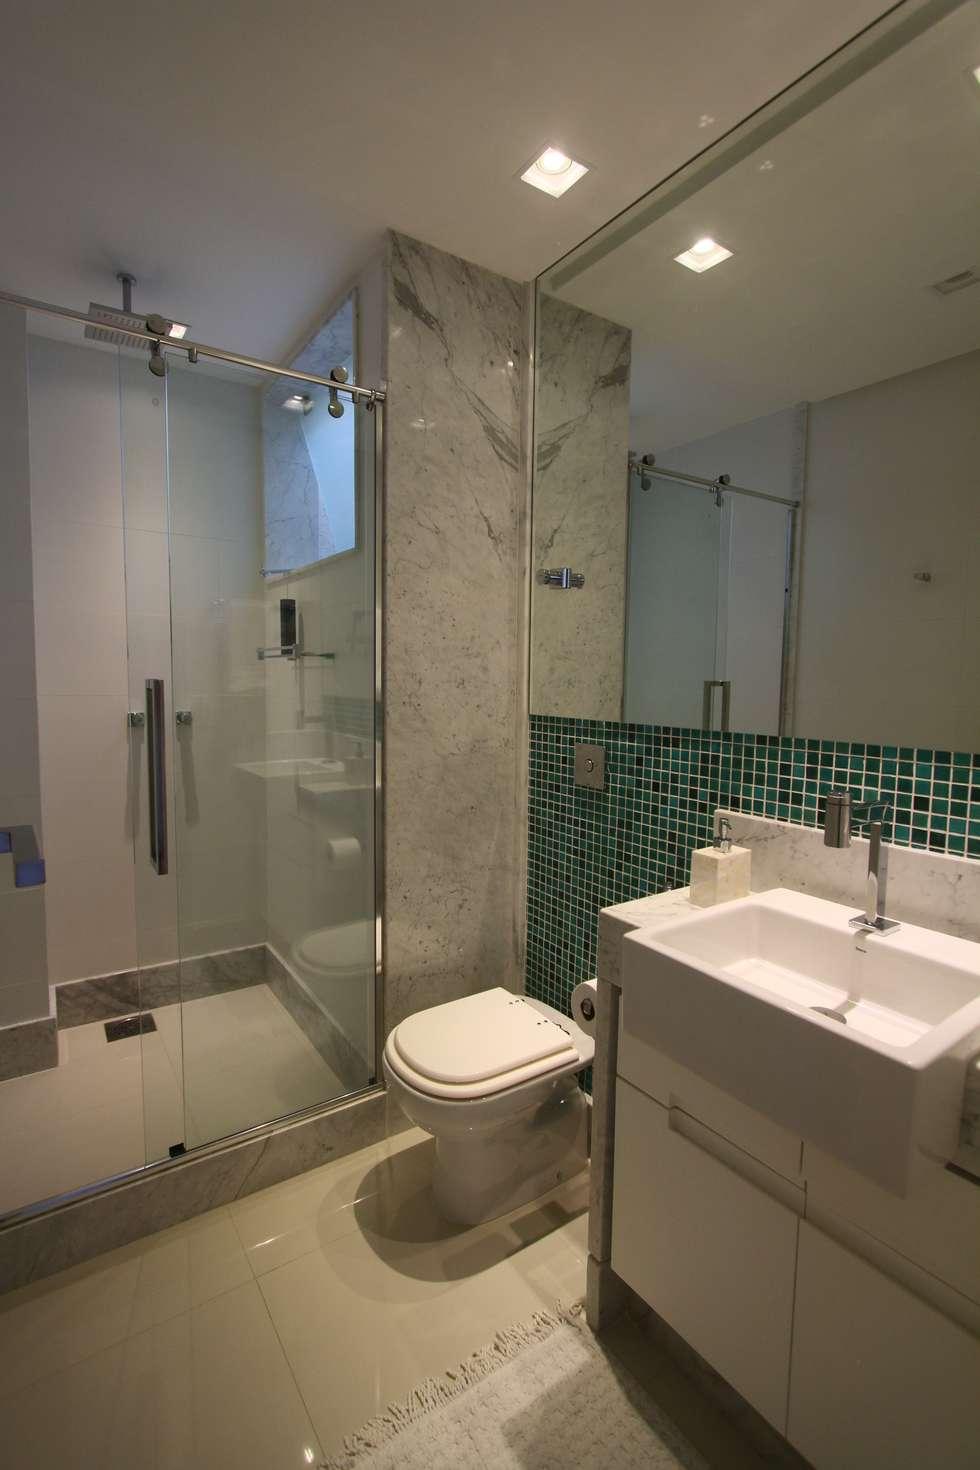 Fotos de banheiros modernos uma cobertura estilo moderno e minimalista  homify -> Banheiro Estilo Moderno